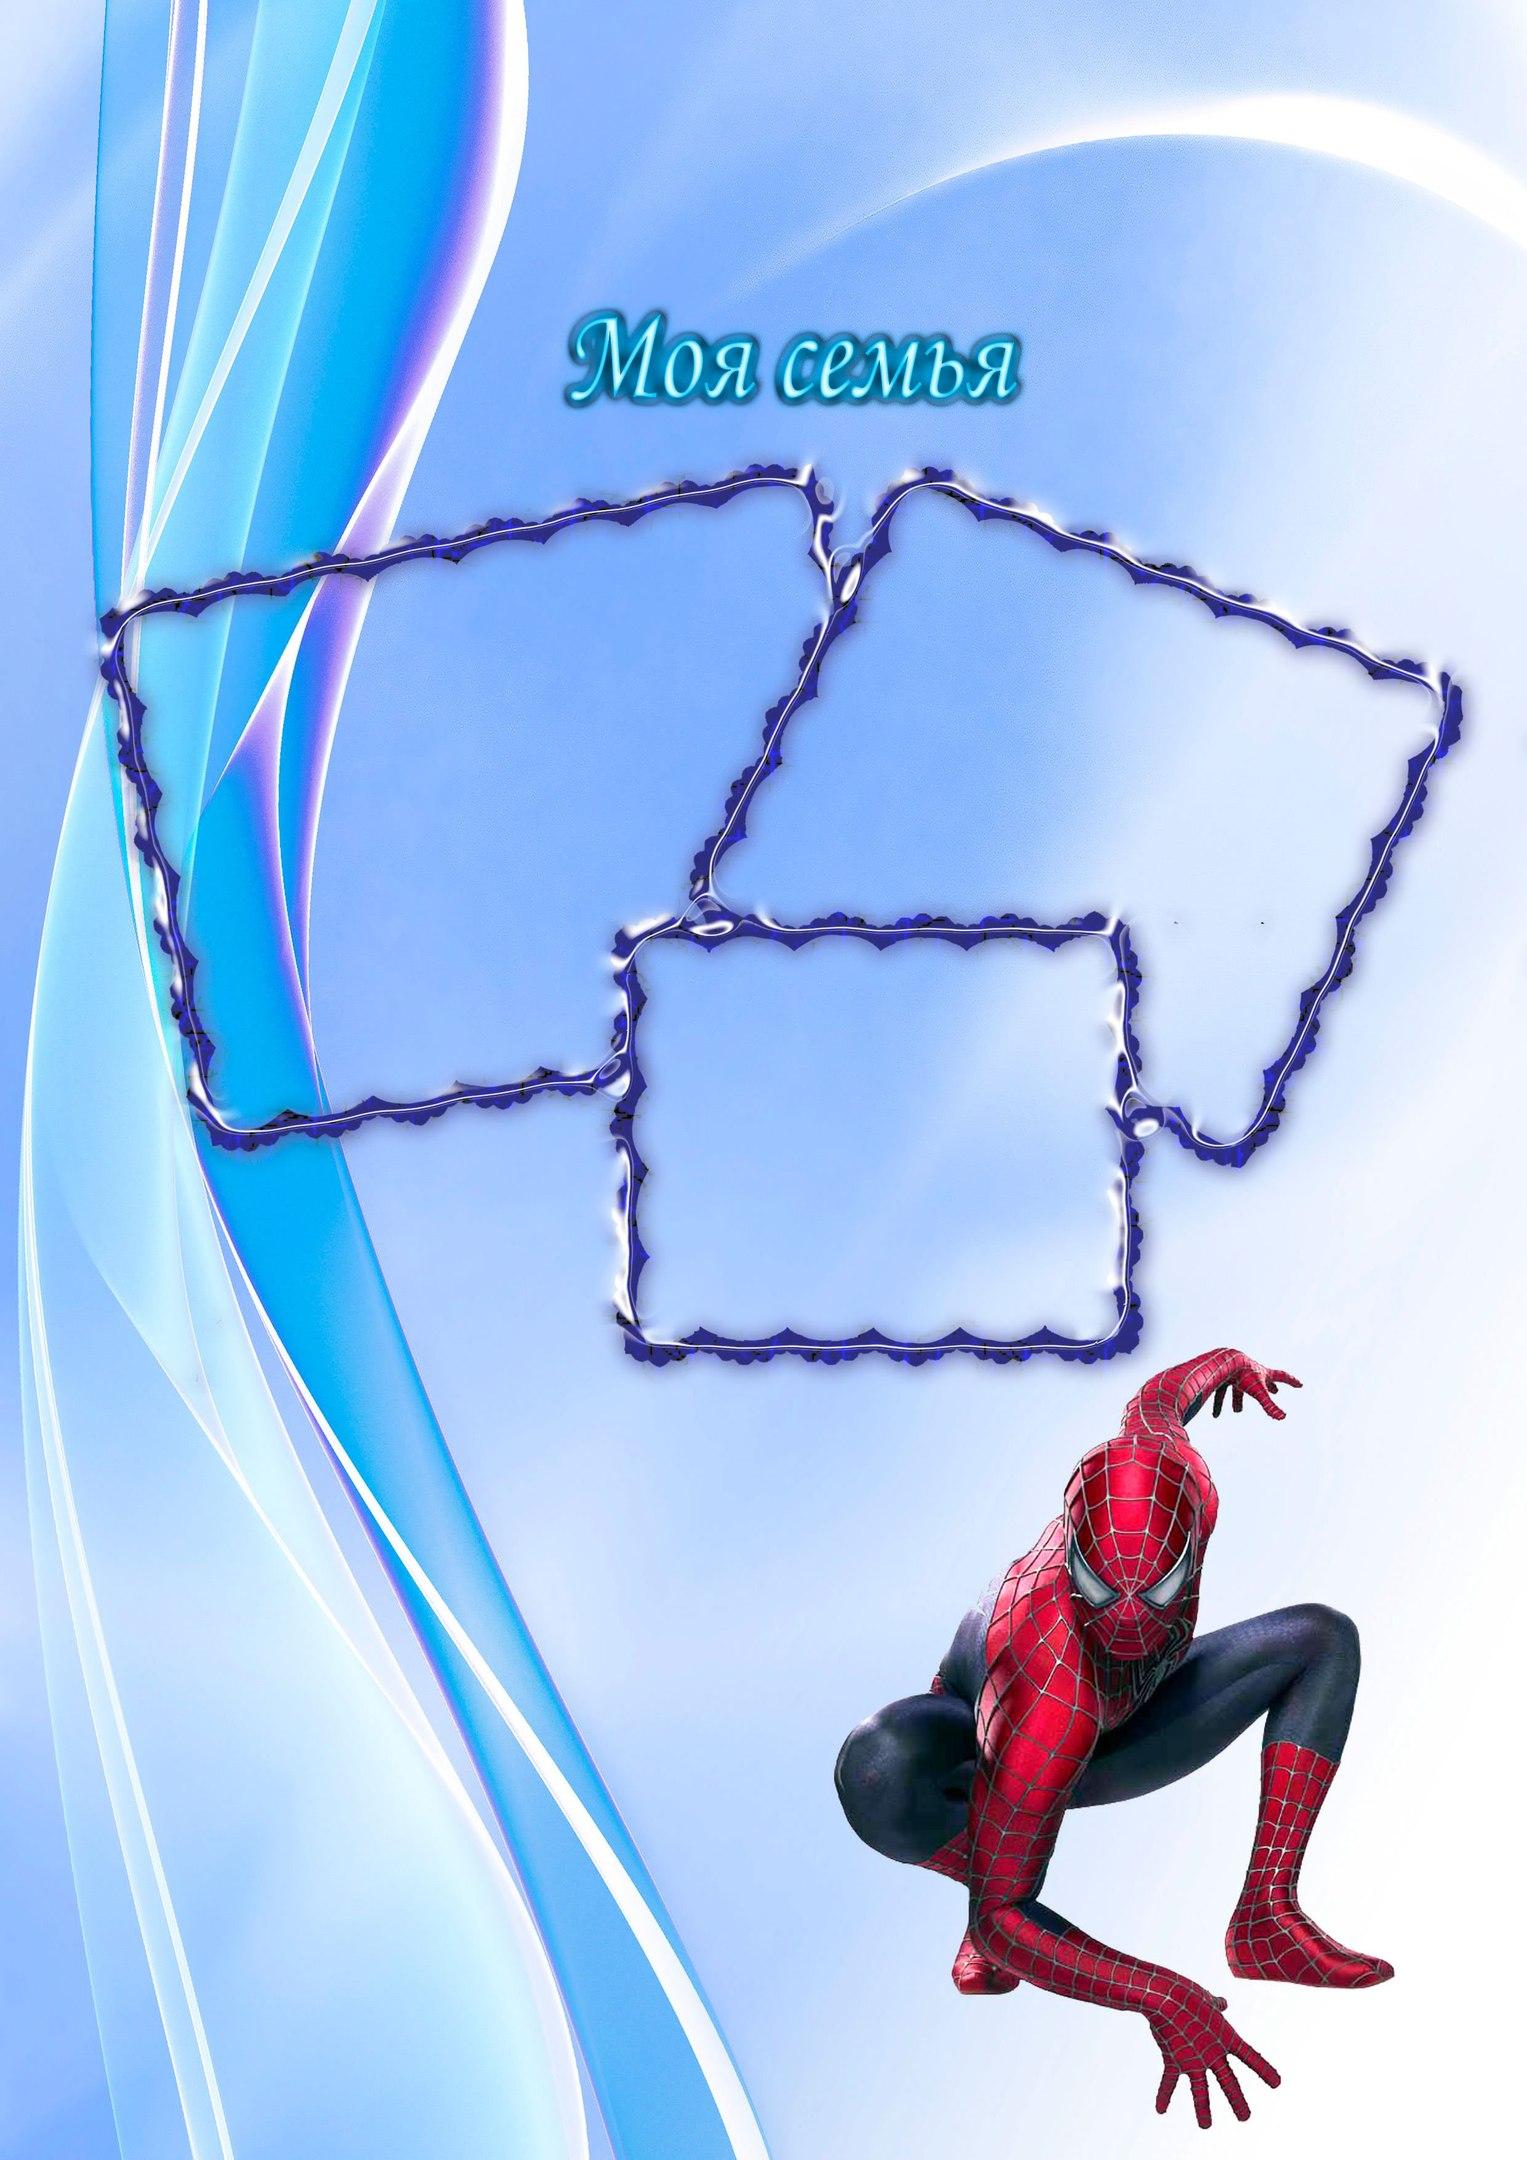 тайне театра, создать фоторамку в стиле человек паук стабилизация